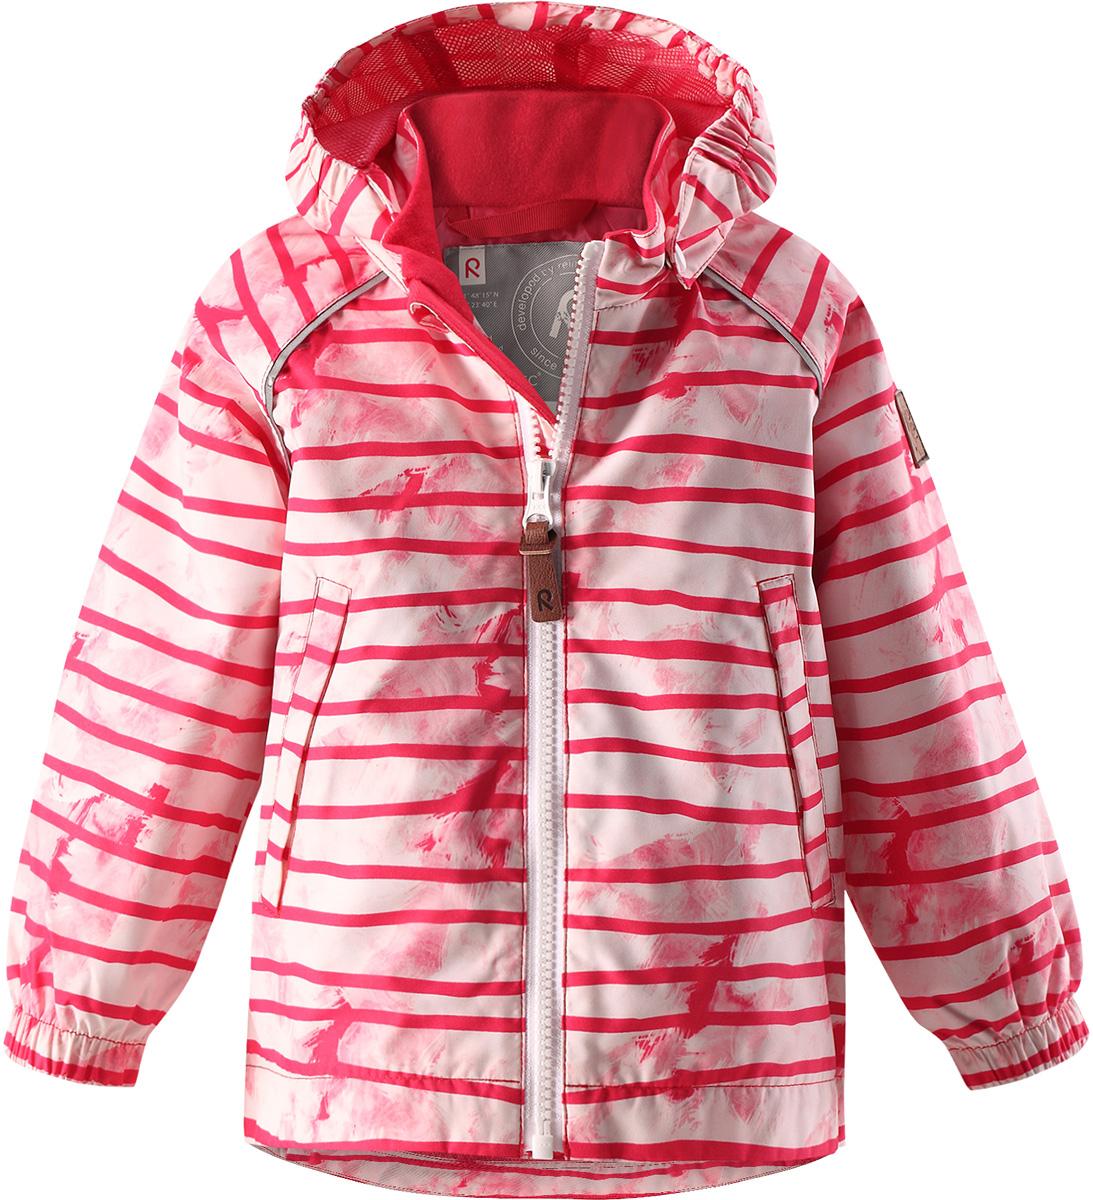 Куртка детская Reima Hihitys, цвет: розовый. 5112363366. Размер 985112363366Водоотталкивающая и простая в уходе демисезонная куртка для малышей. Все основные швы проклеены, так что внутрь не просочится ни одна дождинка. Ветронепроницаемый материал имеет грязеотталкивающую поверхность. Гладкая и удобная подкладка из полиэстера облегчает надевание и не намокает от пота. Съемный капюшон защищает от пронизывающего ветра и безопасен во время игр на свежем воздухе. В куртке предусмотрены два кармана и светоотражающие детали.